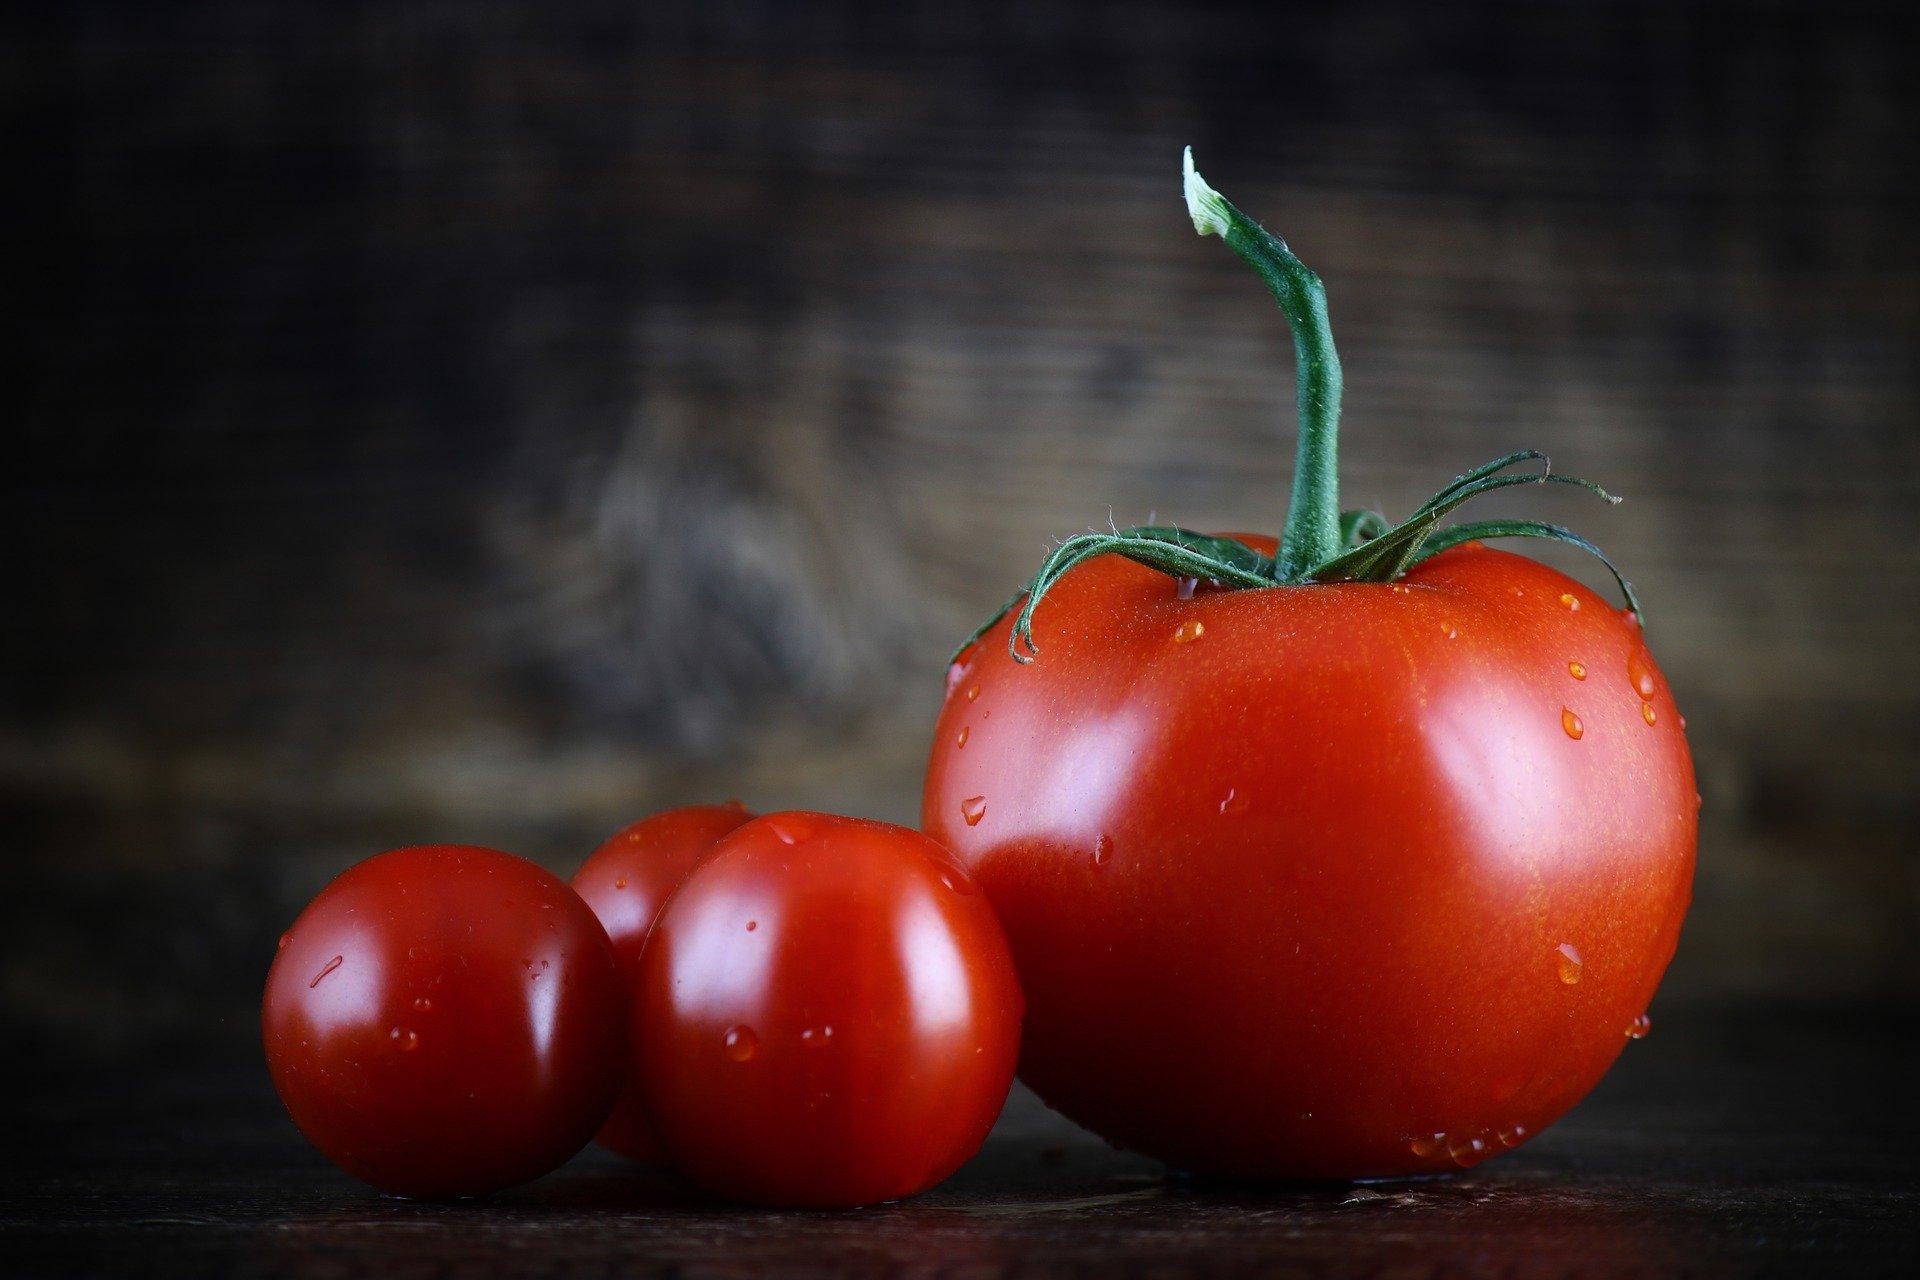 importateur-en-france-de-tomate4